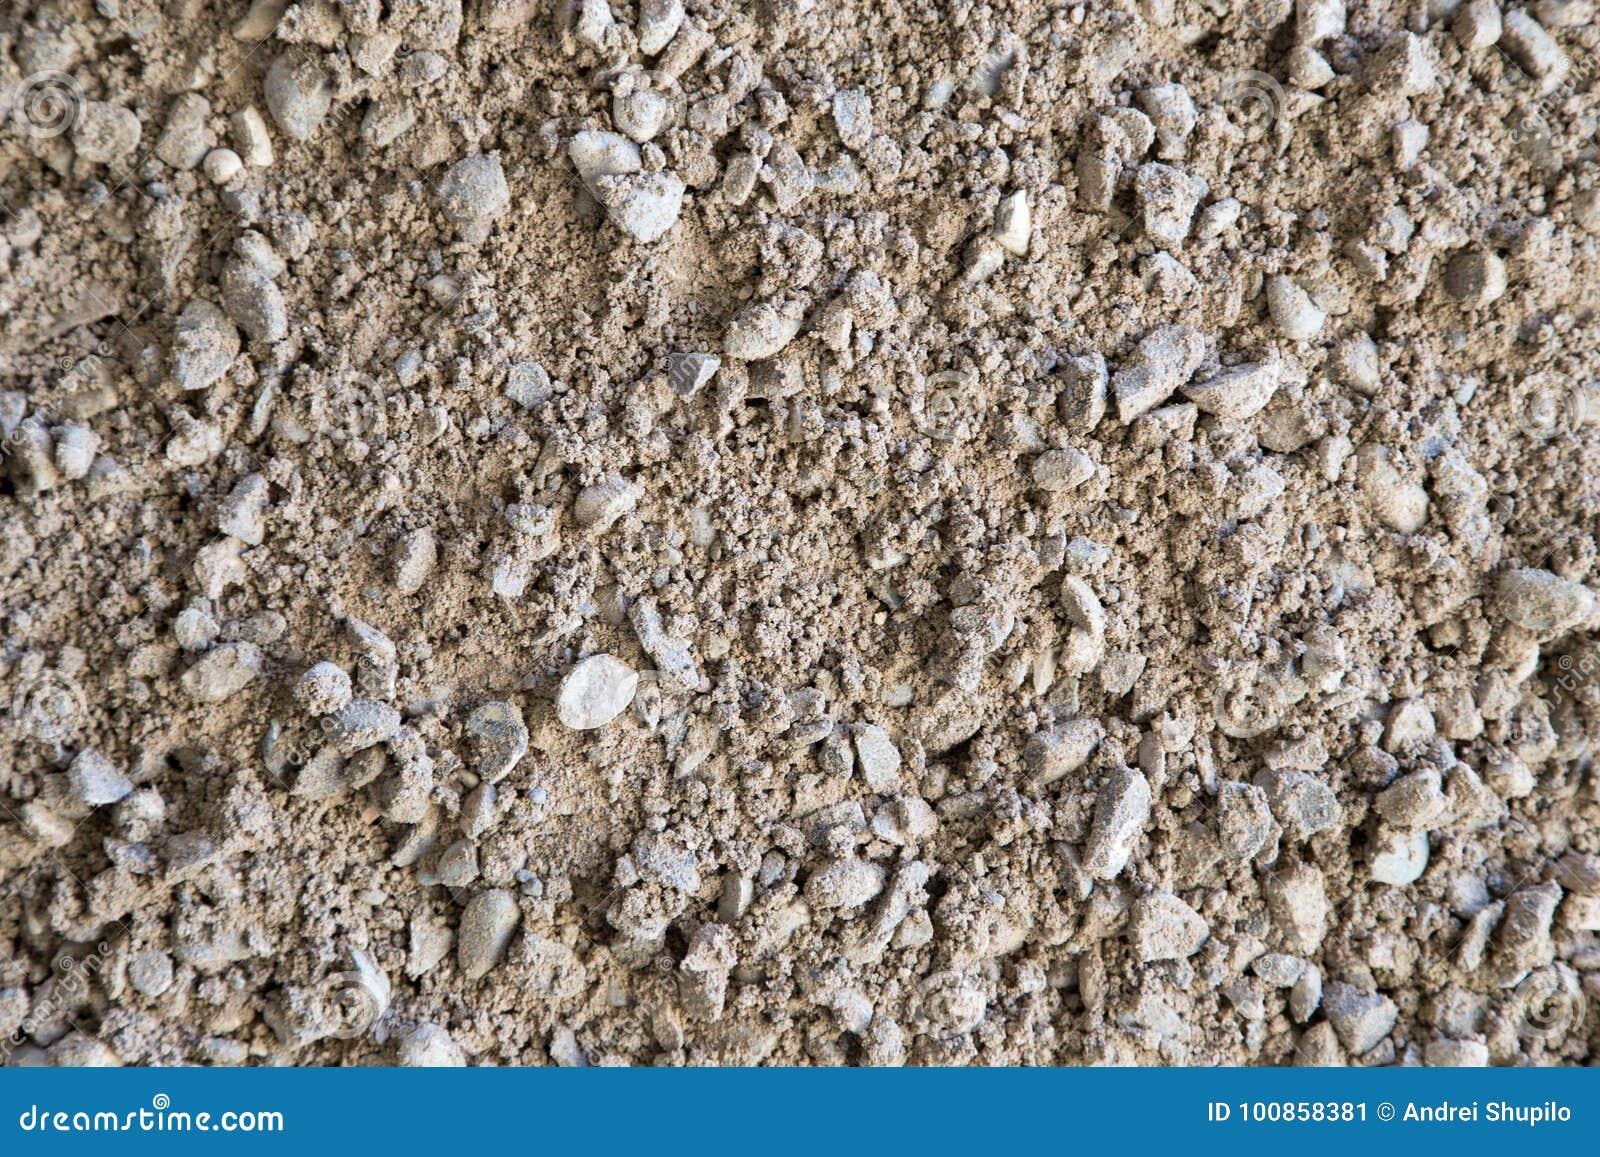 Αμμοχάλικο, χαλίκια και κινηματογράφηση σε πρώτο πλάνο άμμου